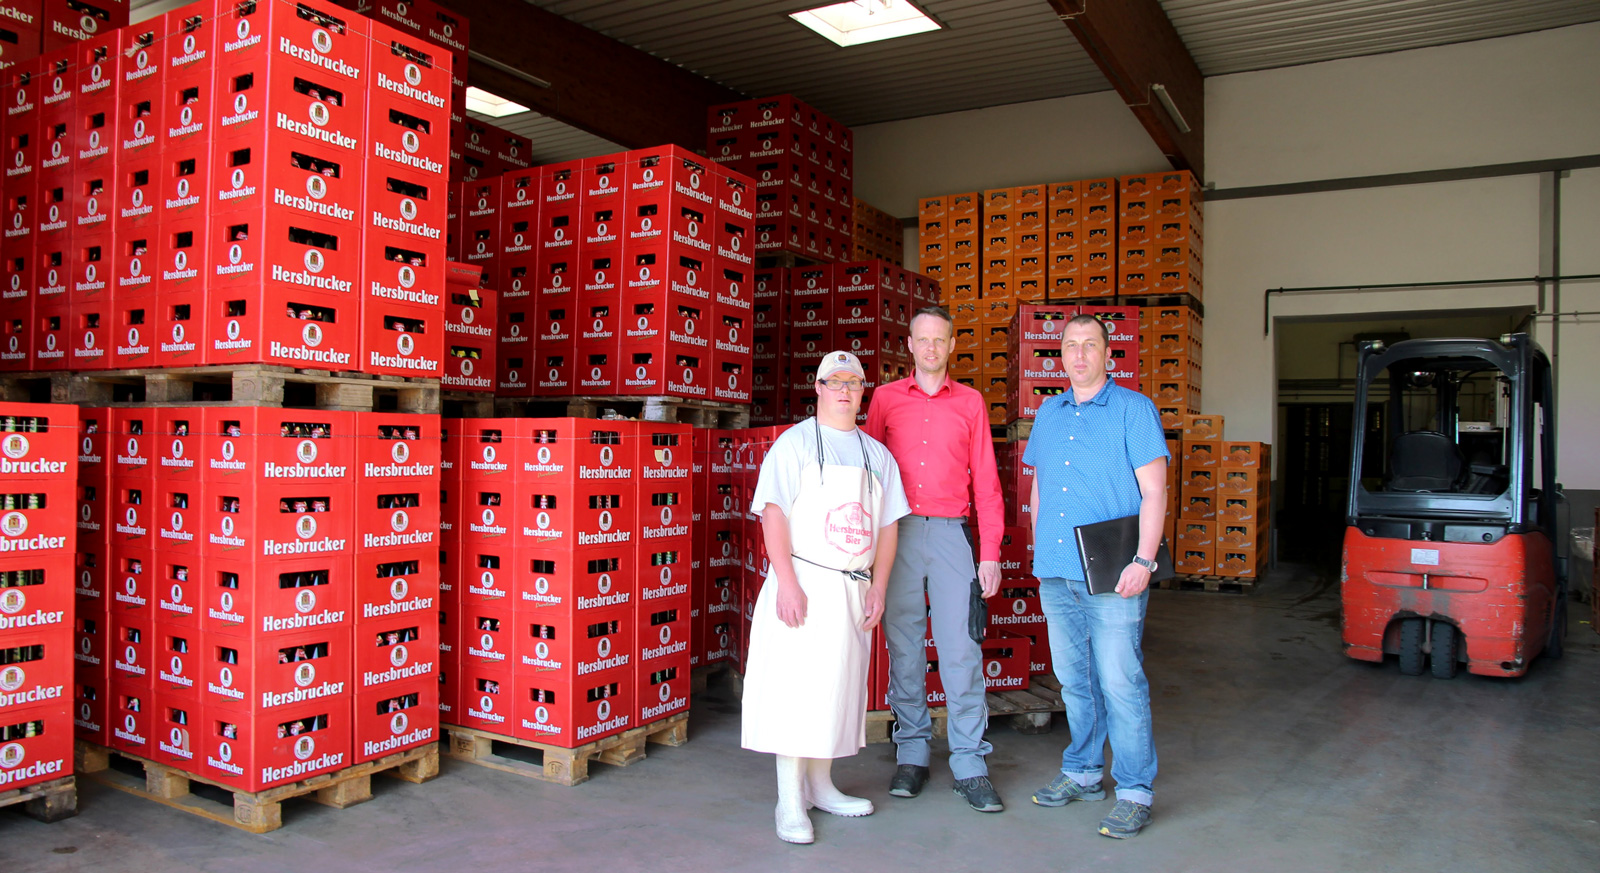 Wöchentlich besucht Integrationsübegleiter Klatt (r)) André Swirzlycs (m) bei seinem Außenarbeitsplatz. Ein 'offenes Ohr' hat Betriebspate Will (l) fr André Szwirkszlys.